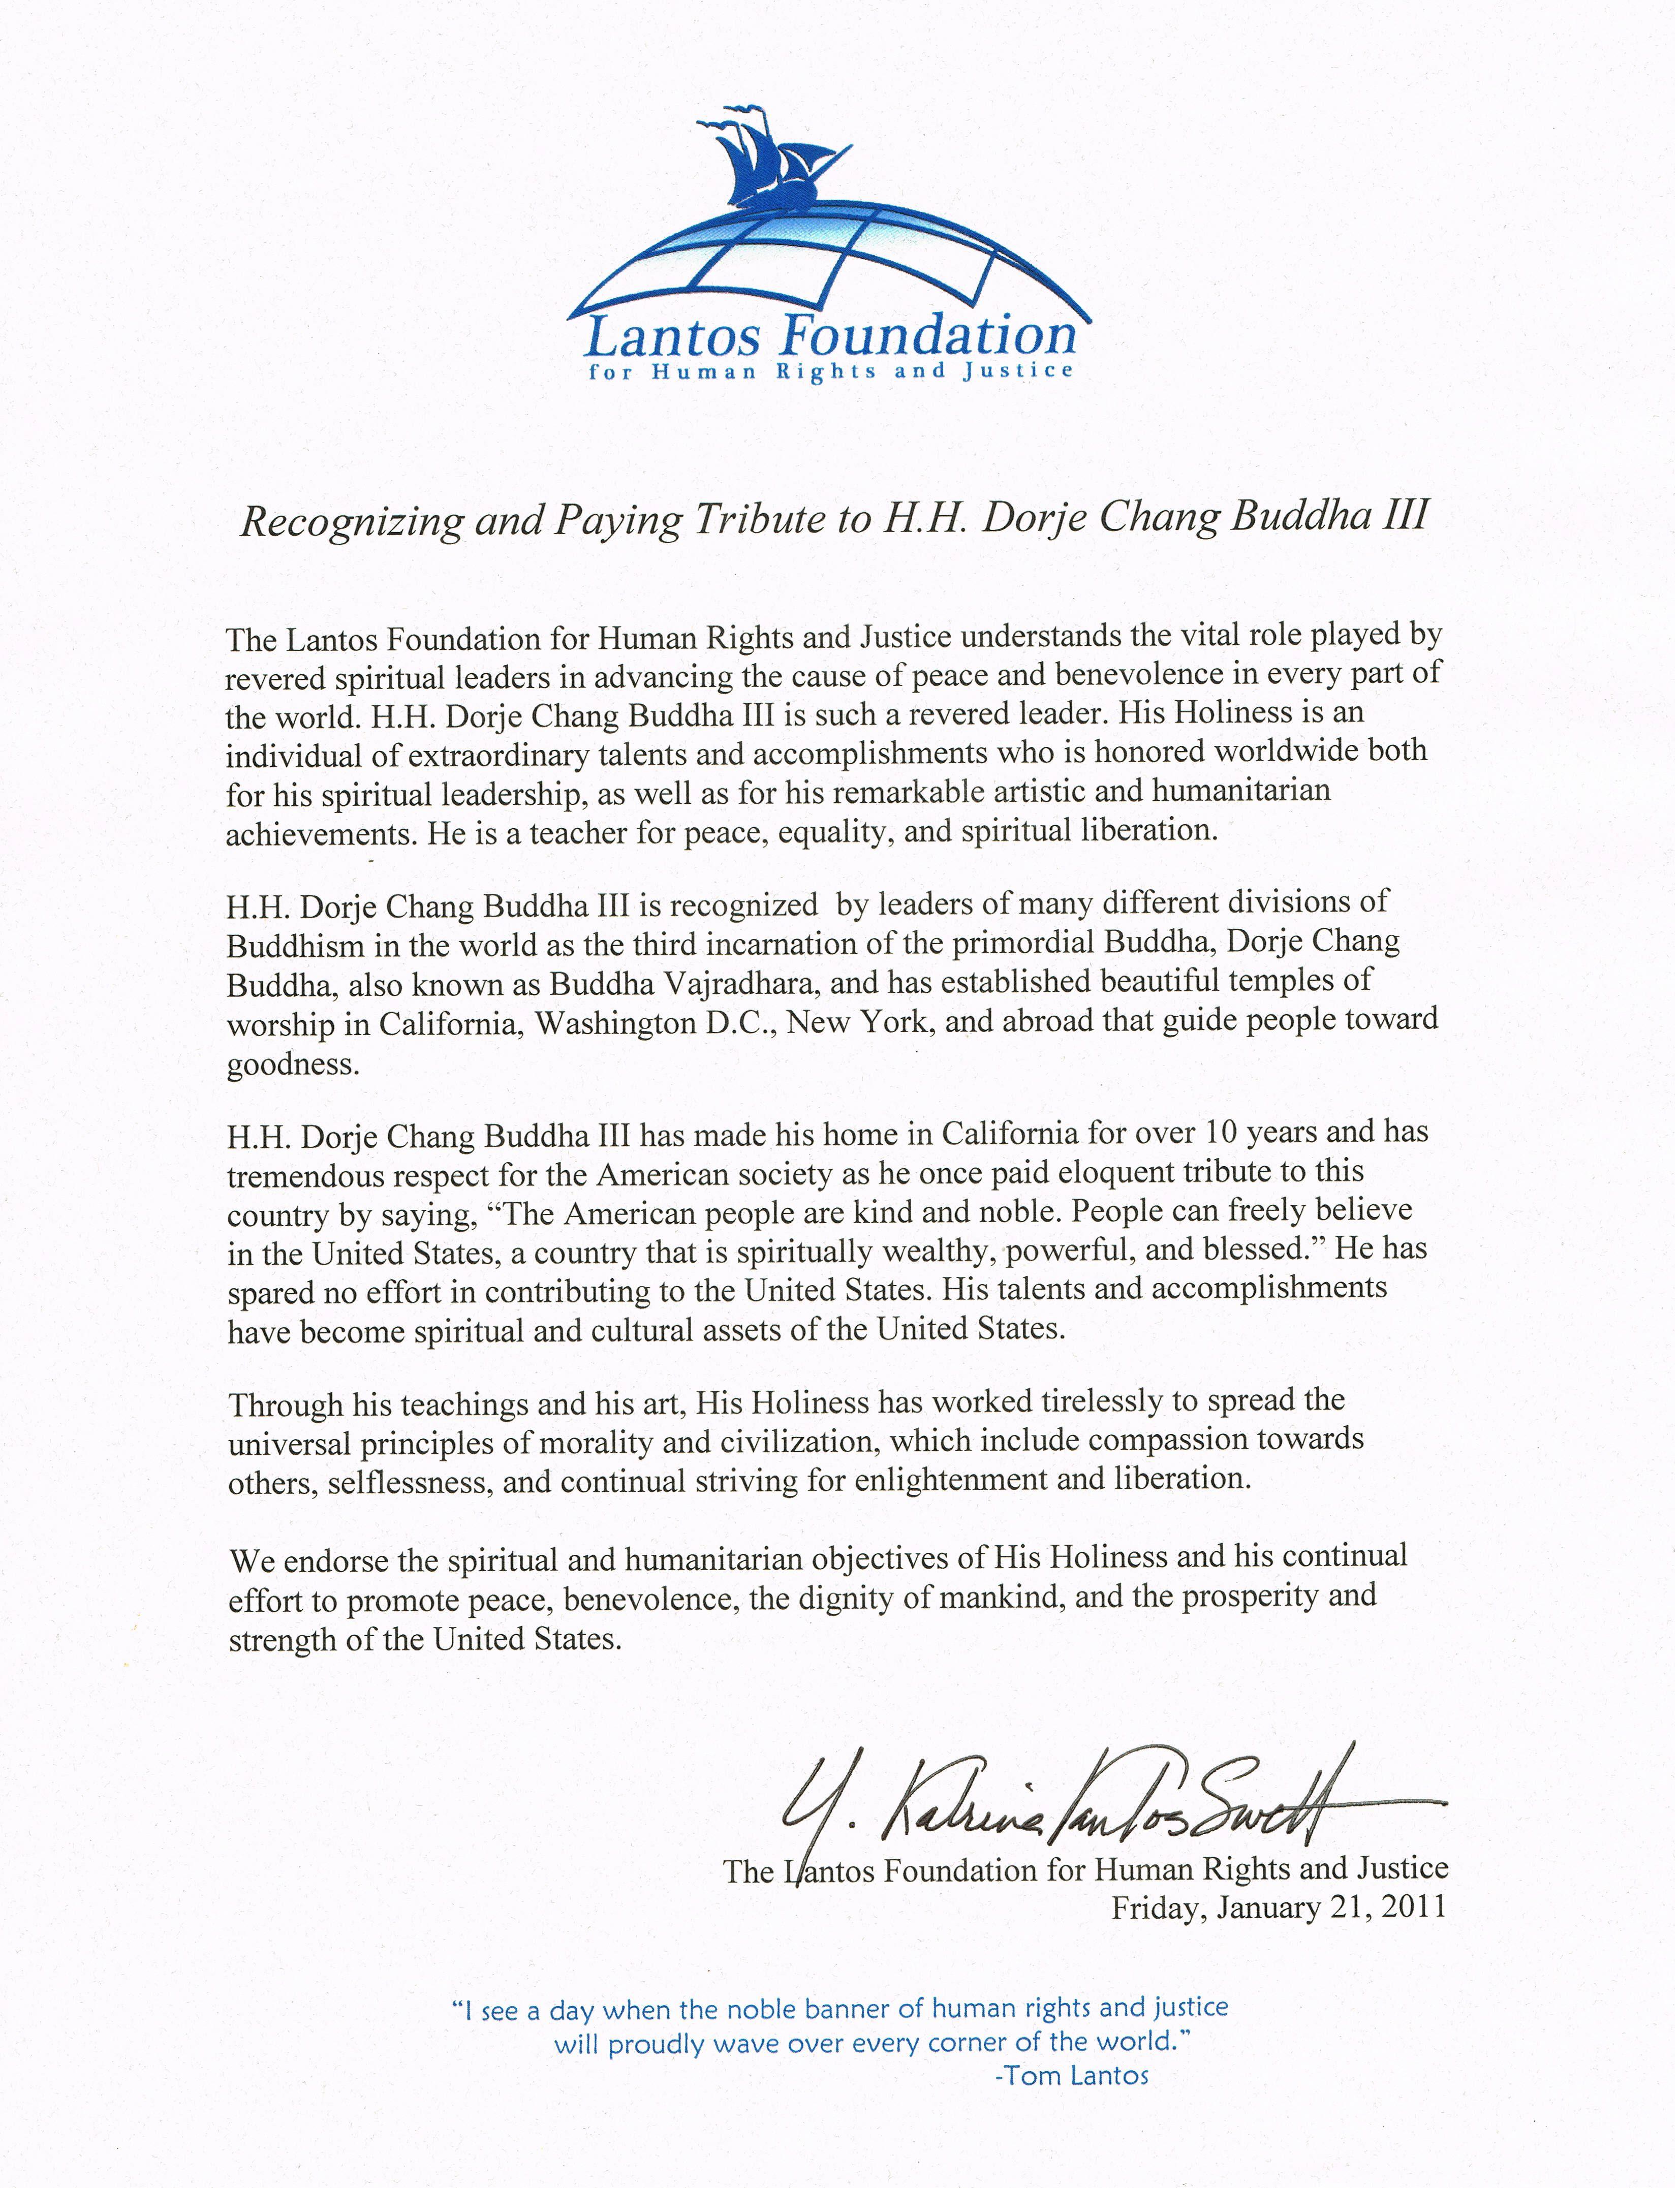 蘭托斯人權與正義基金會給H.H.第三世多杰羌佛的公開信